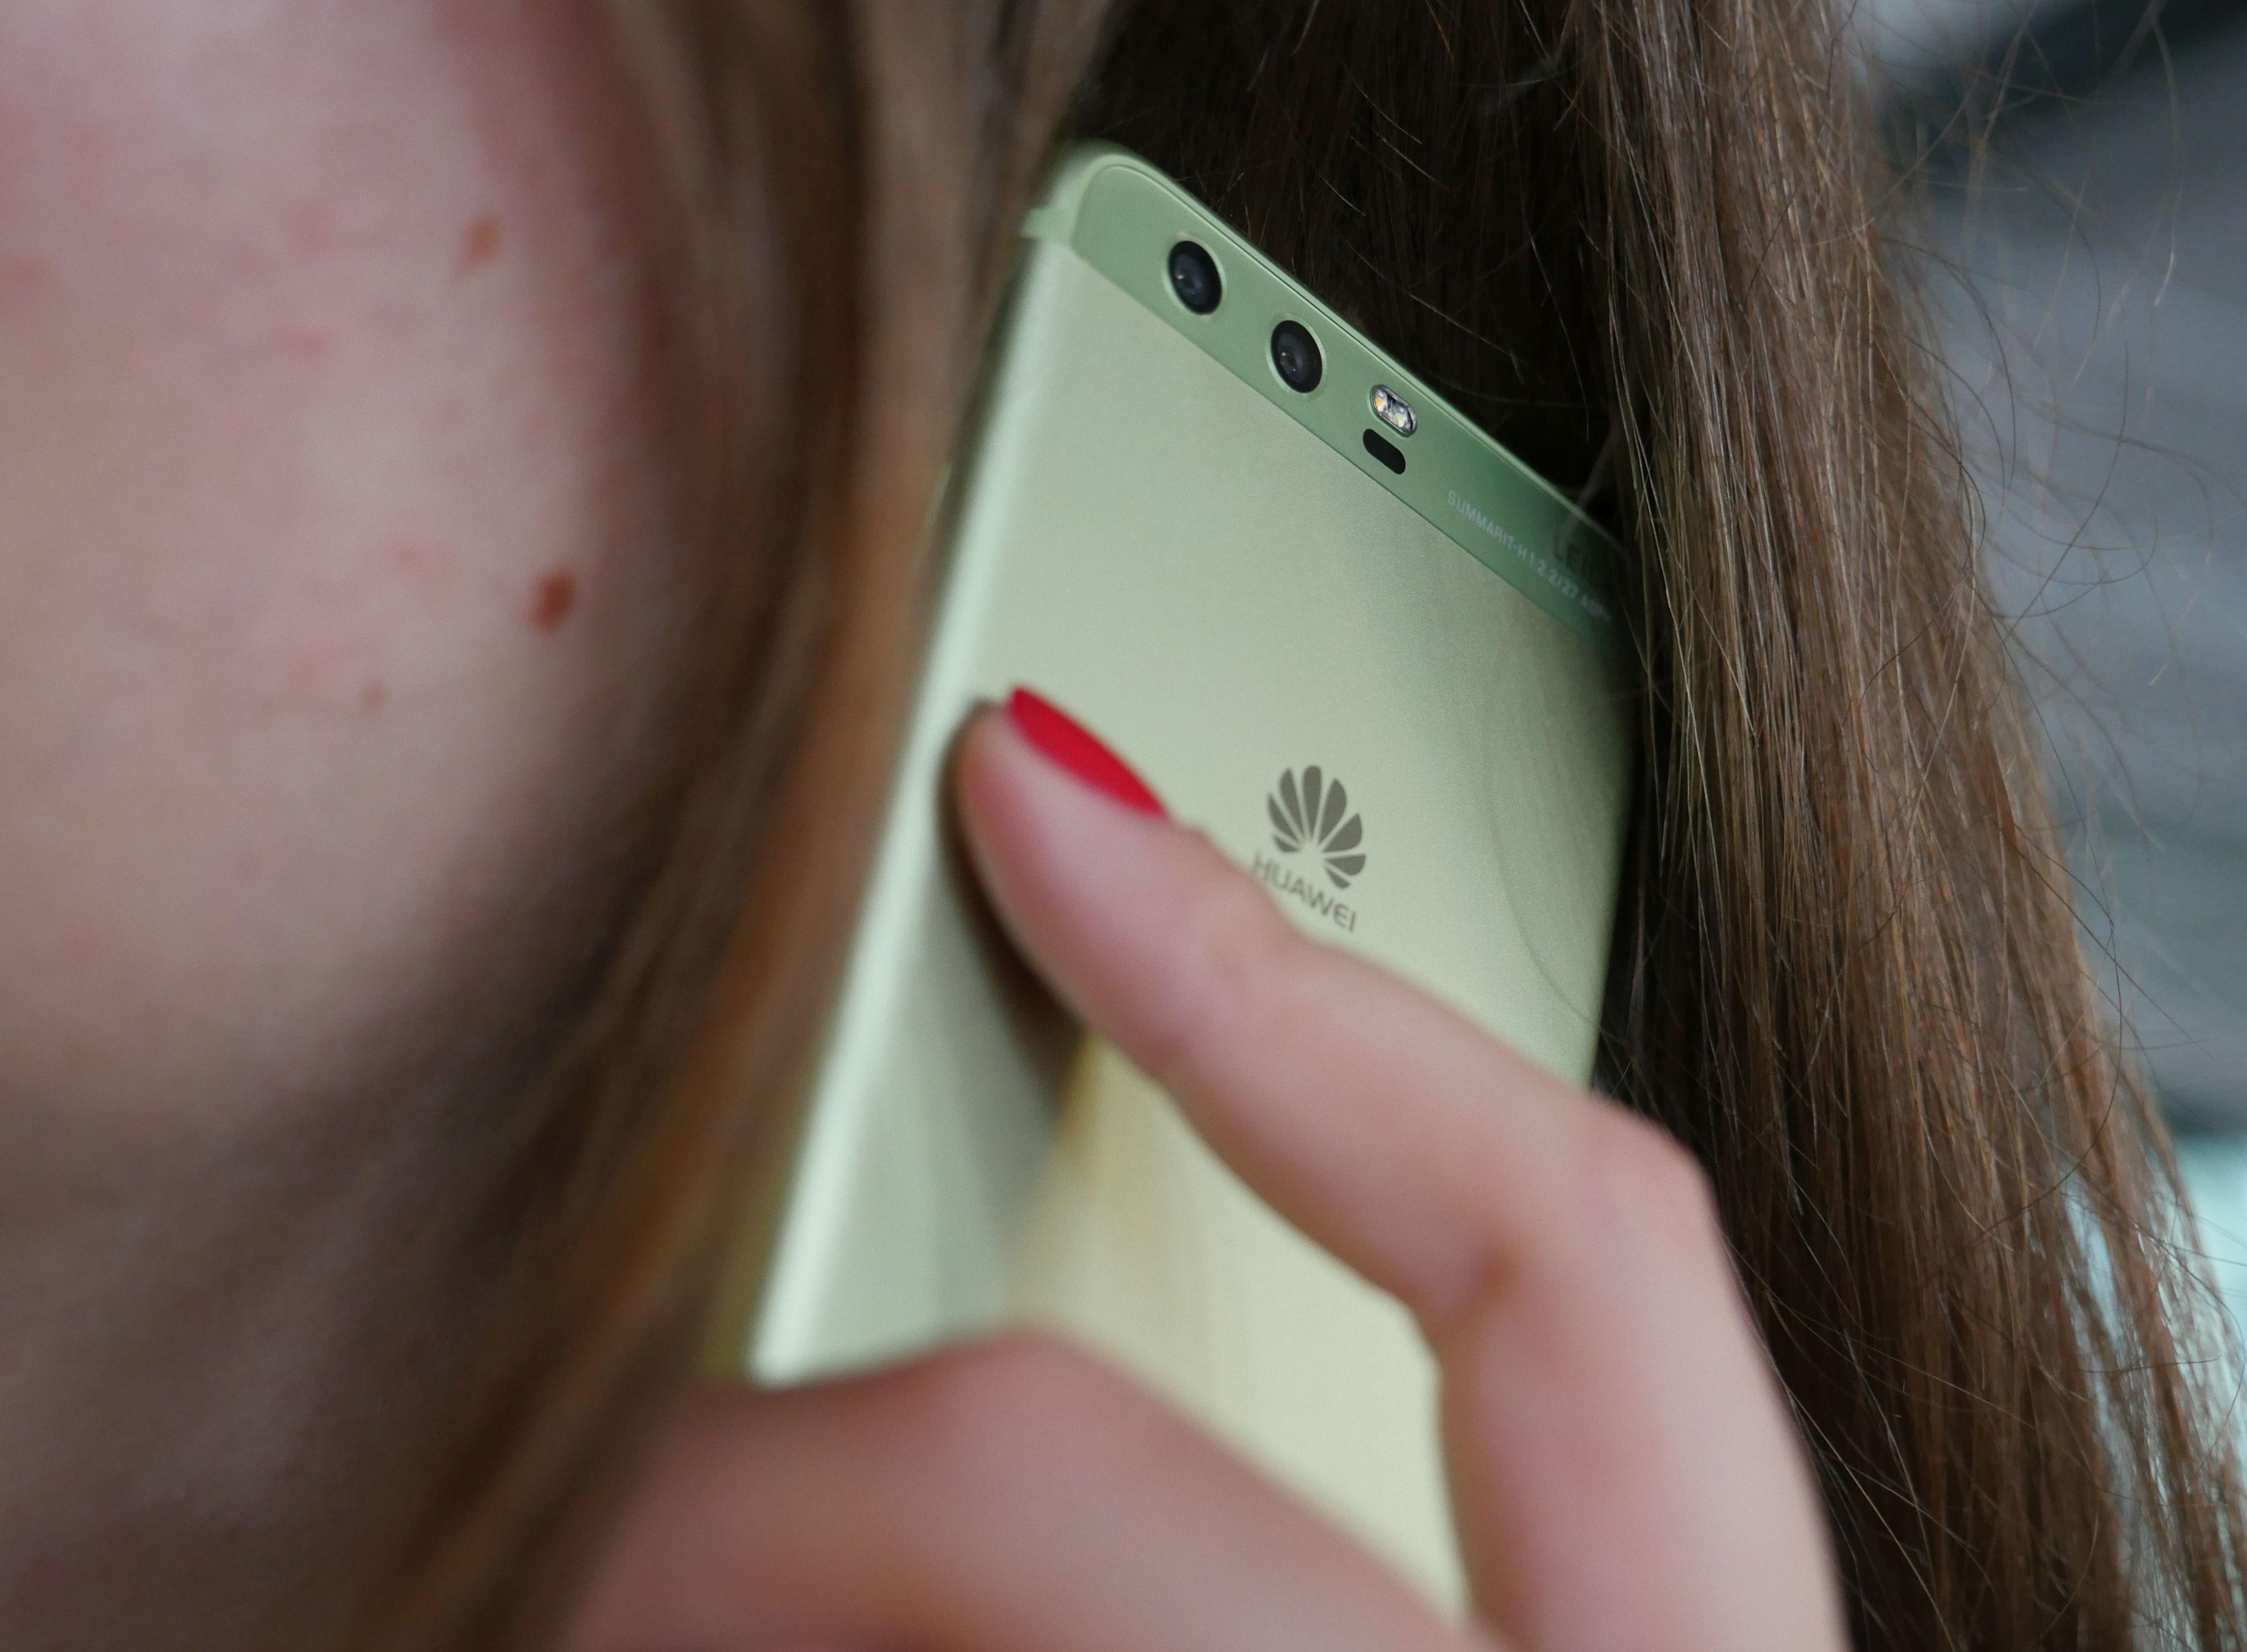 Tabletowo.pl Koniec roku dopiero za dwa miesiące, a Huawei sprzedał już ponad 100 milionów smartfonów w trzy kwartały Android Huawei Raporty/Statystyki Smartfony